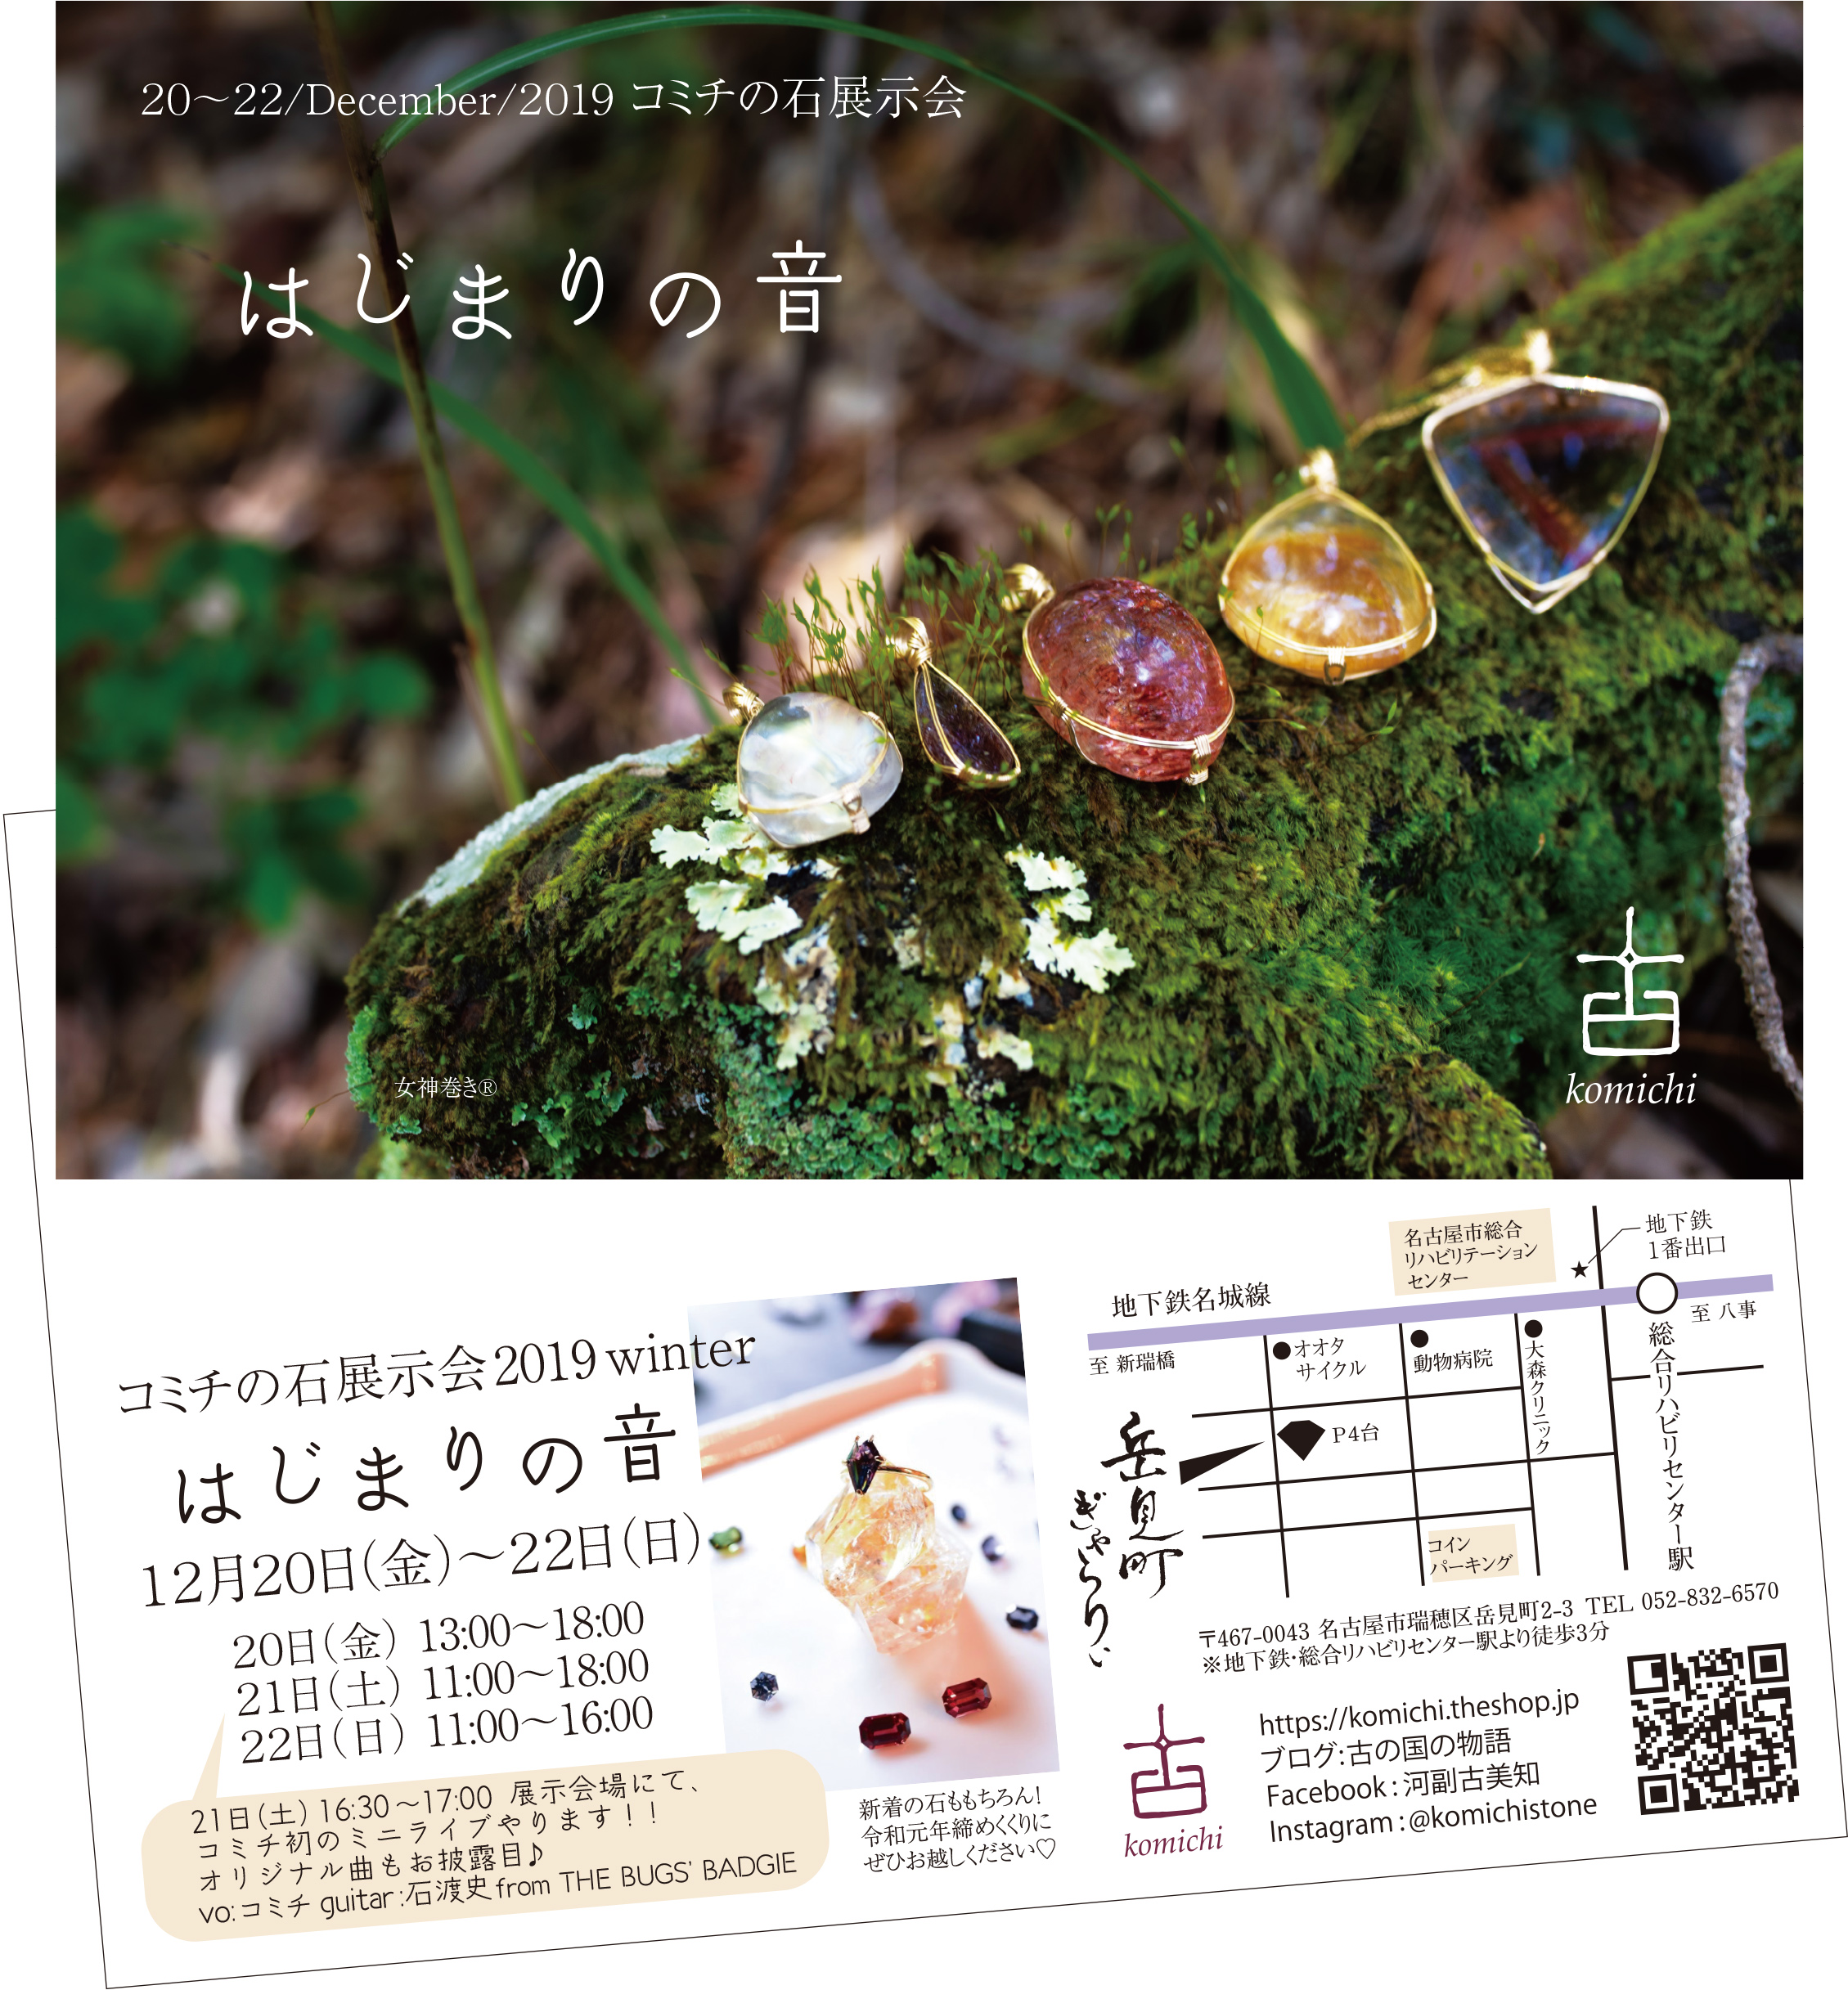 今週末は名古屋で展示会です!